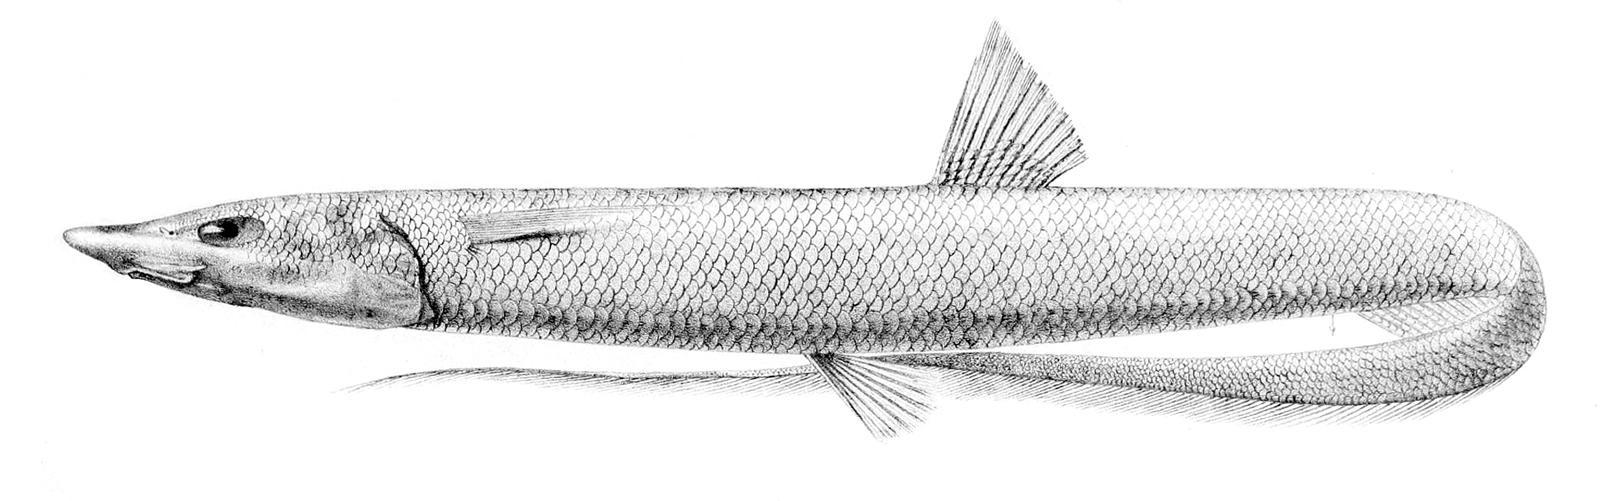 Image of Halosaur